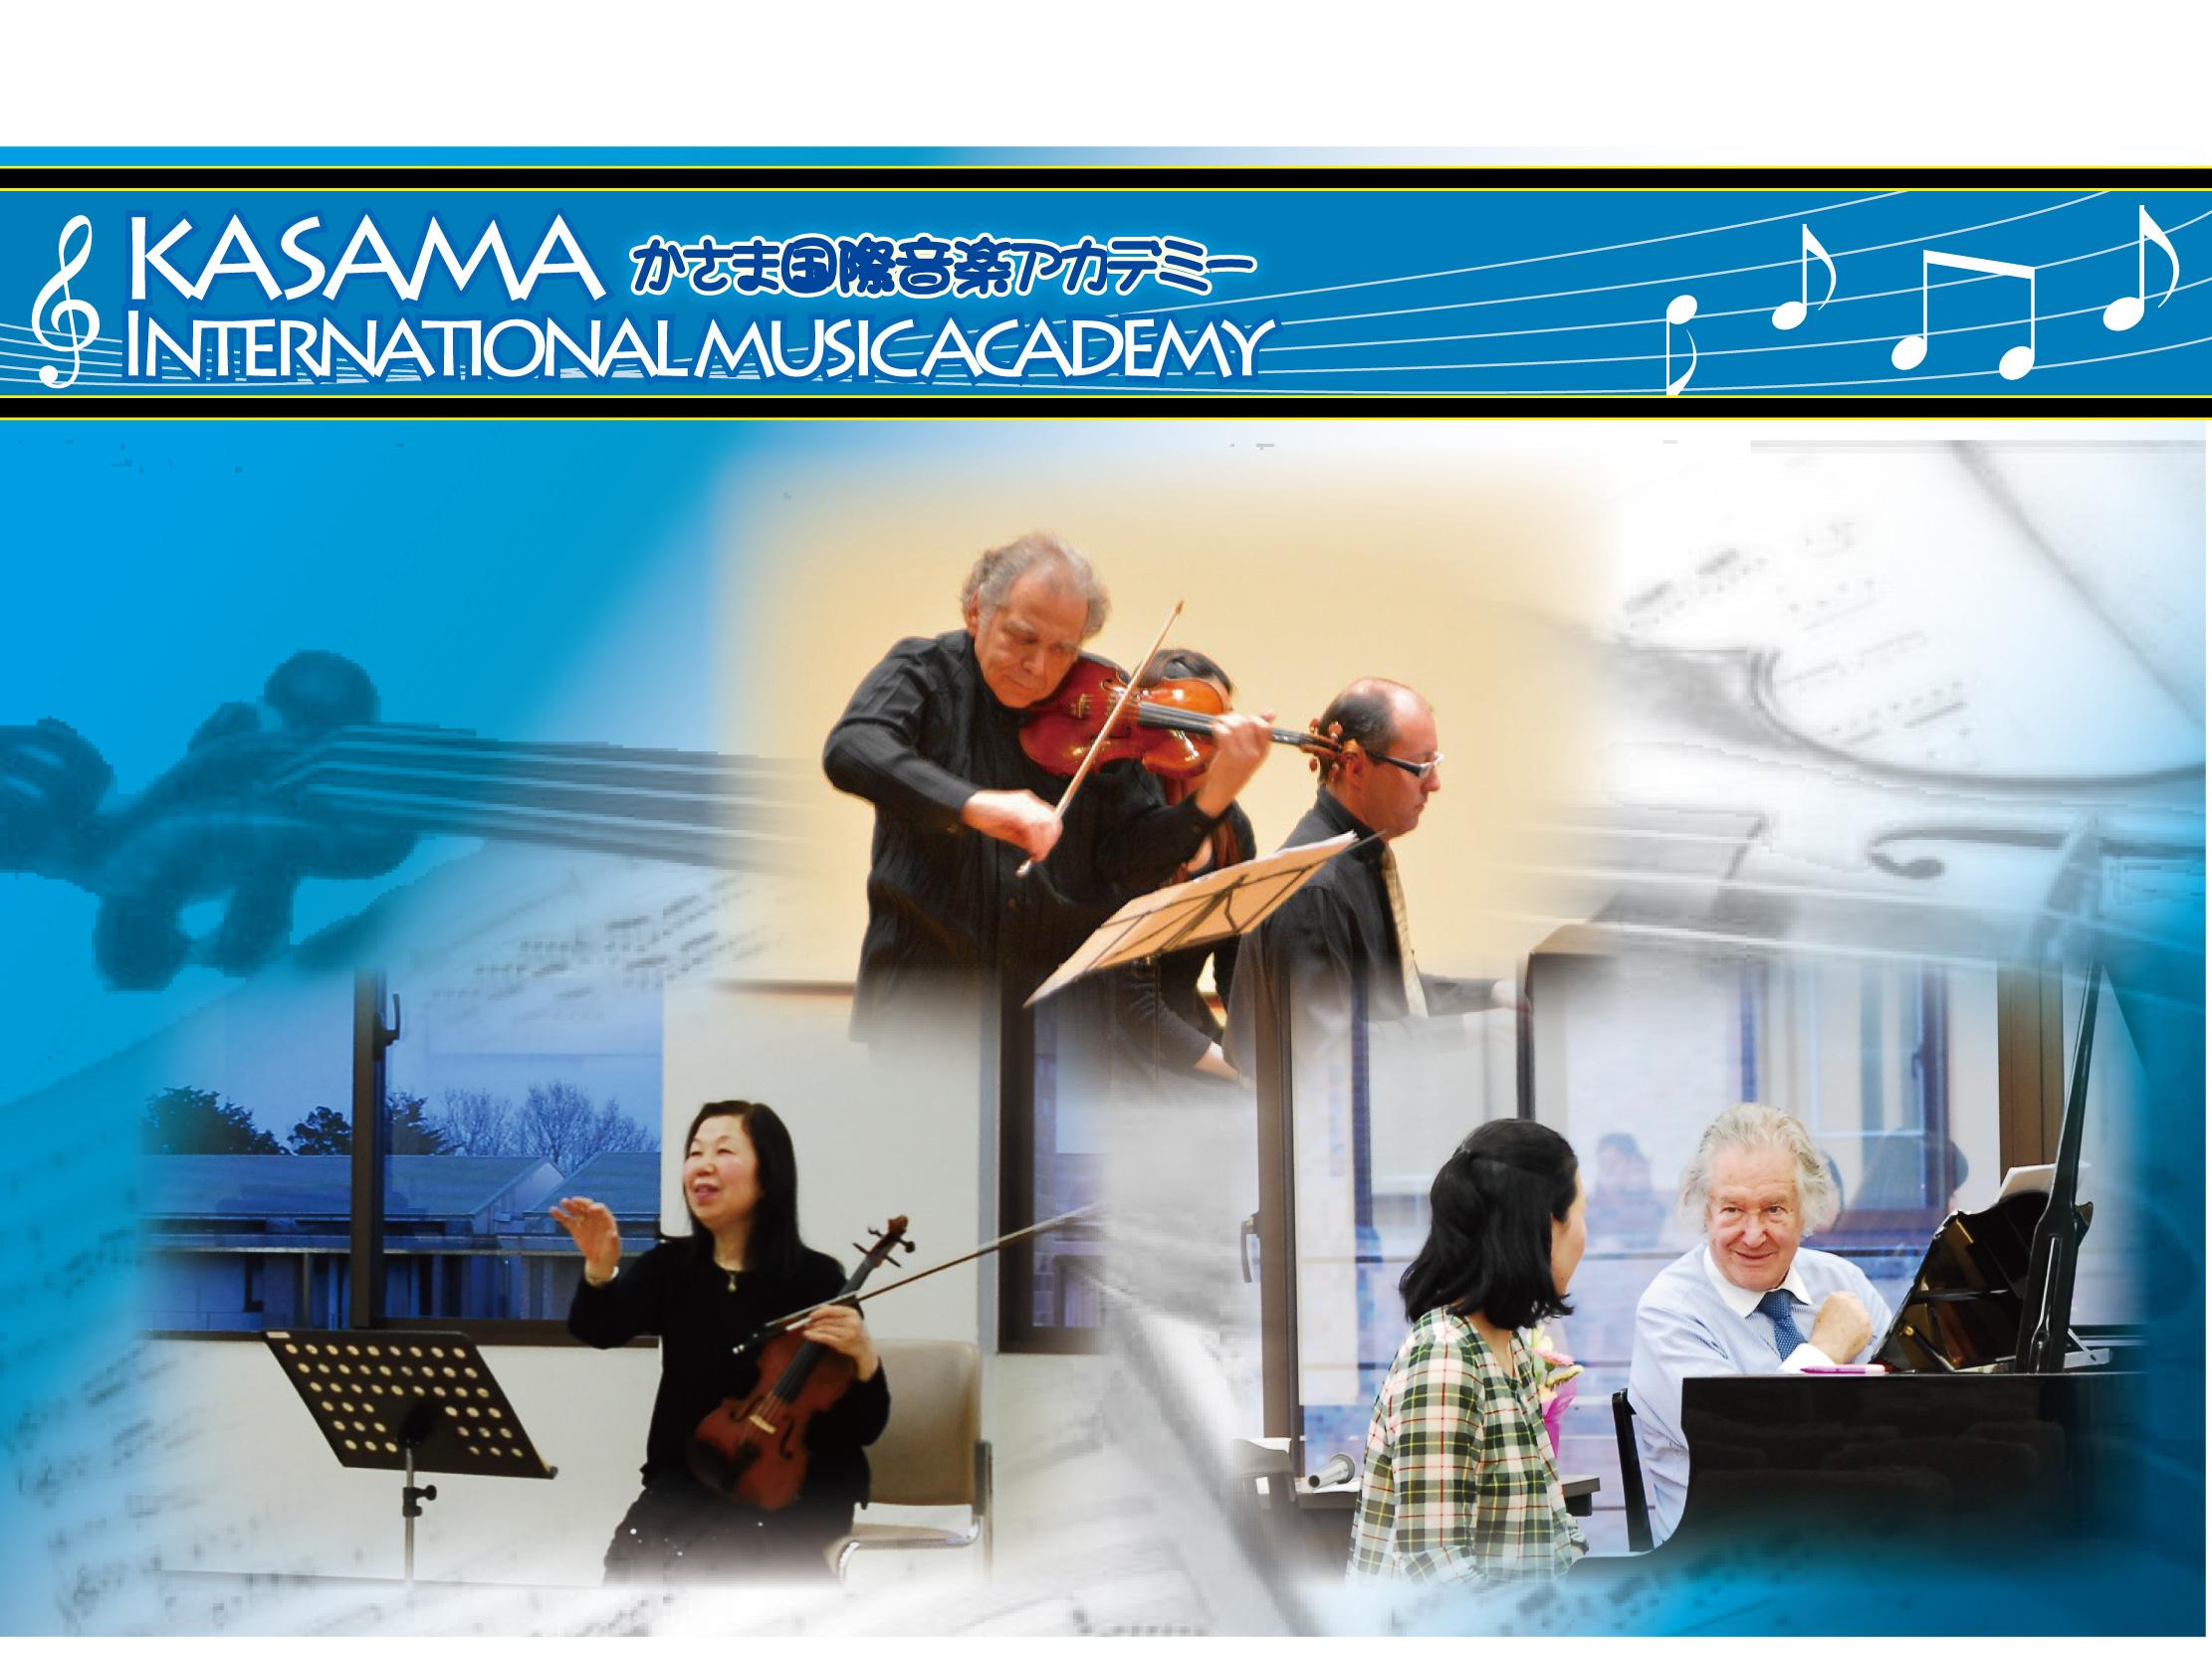 『かさま国際音楽アカデミー トップ』の画像